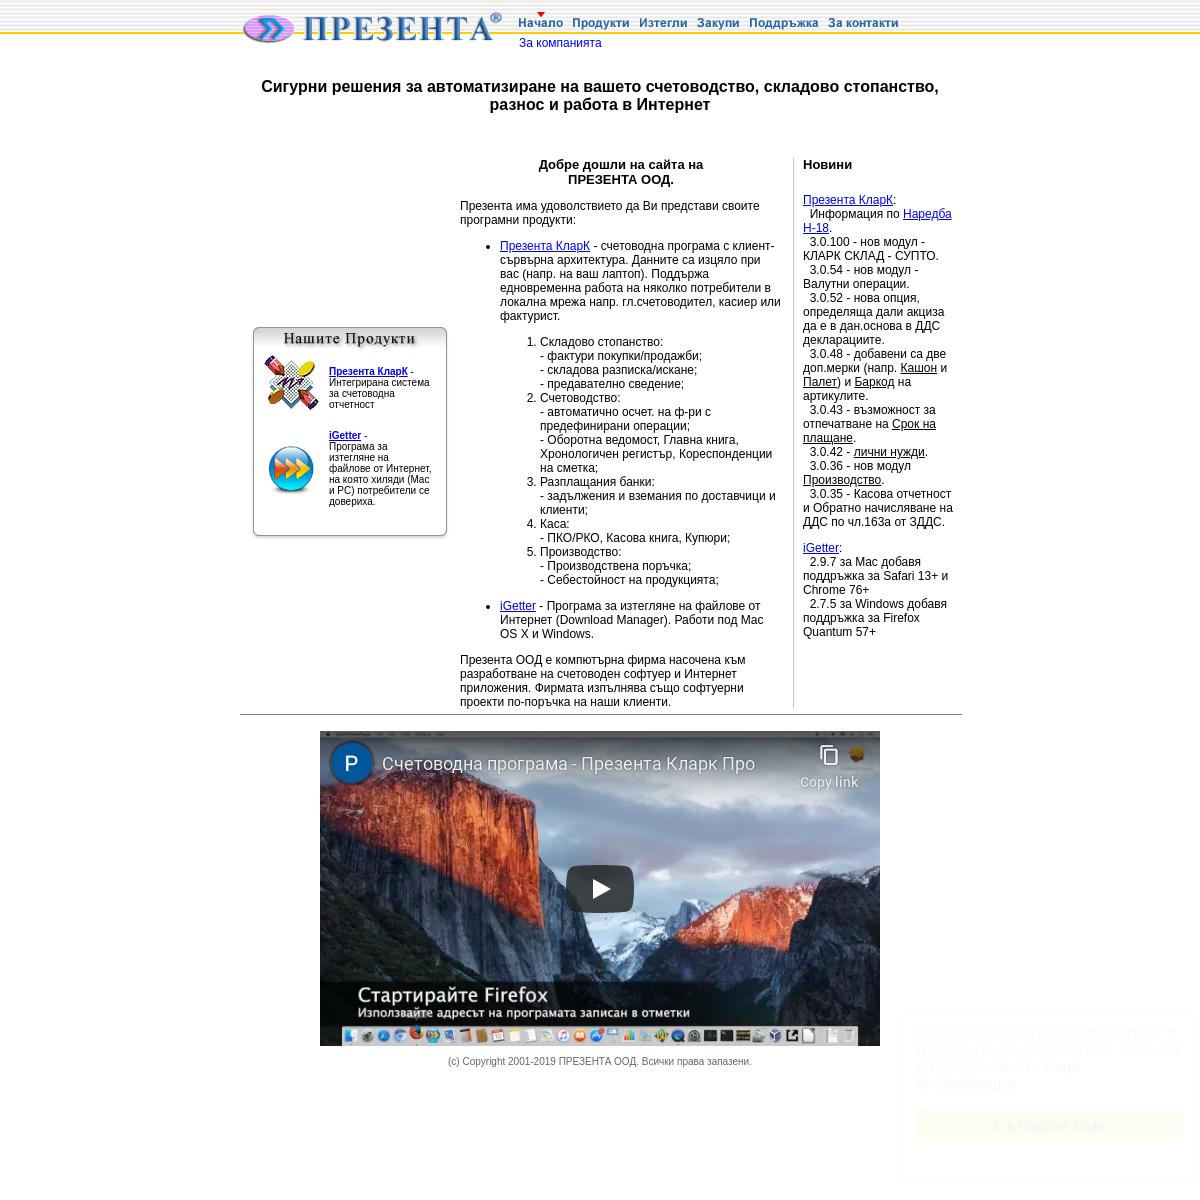 ПРЕЗЕНТА ООД - Счетоводни продукти и Интернет приложения